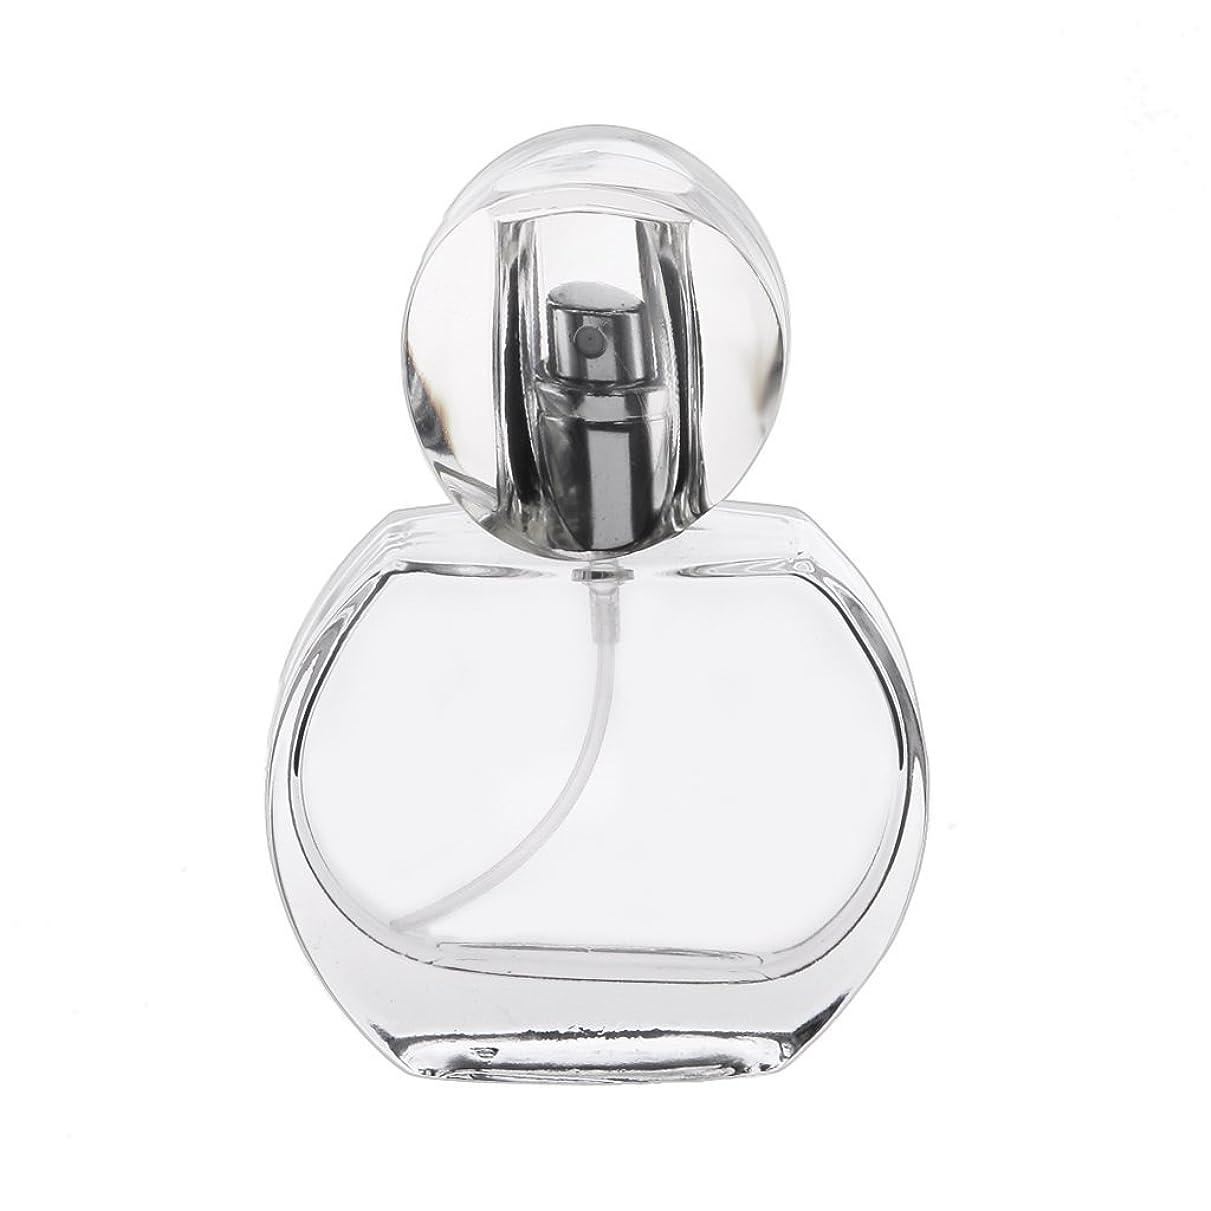 評価する一致レビュアー30ml クリスタル エンプティ 空 香水瓶 スプレーボトル アトマイザー 詰め替え 携帯便利